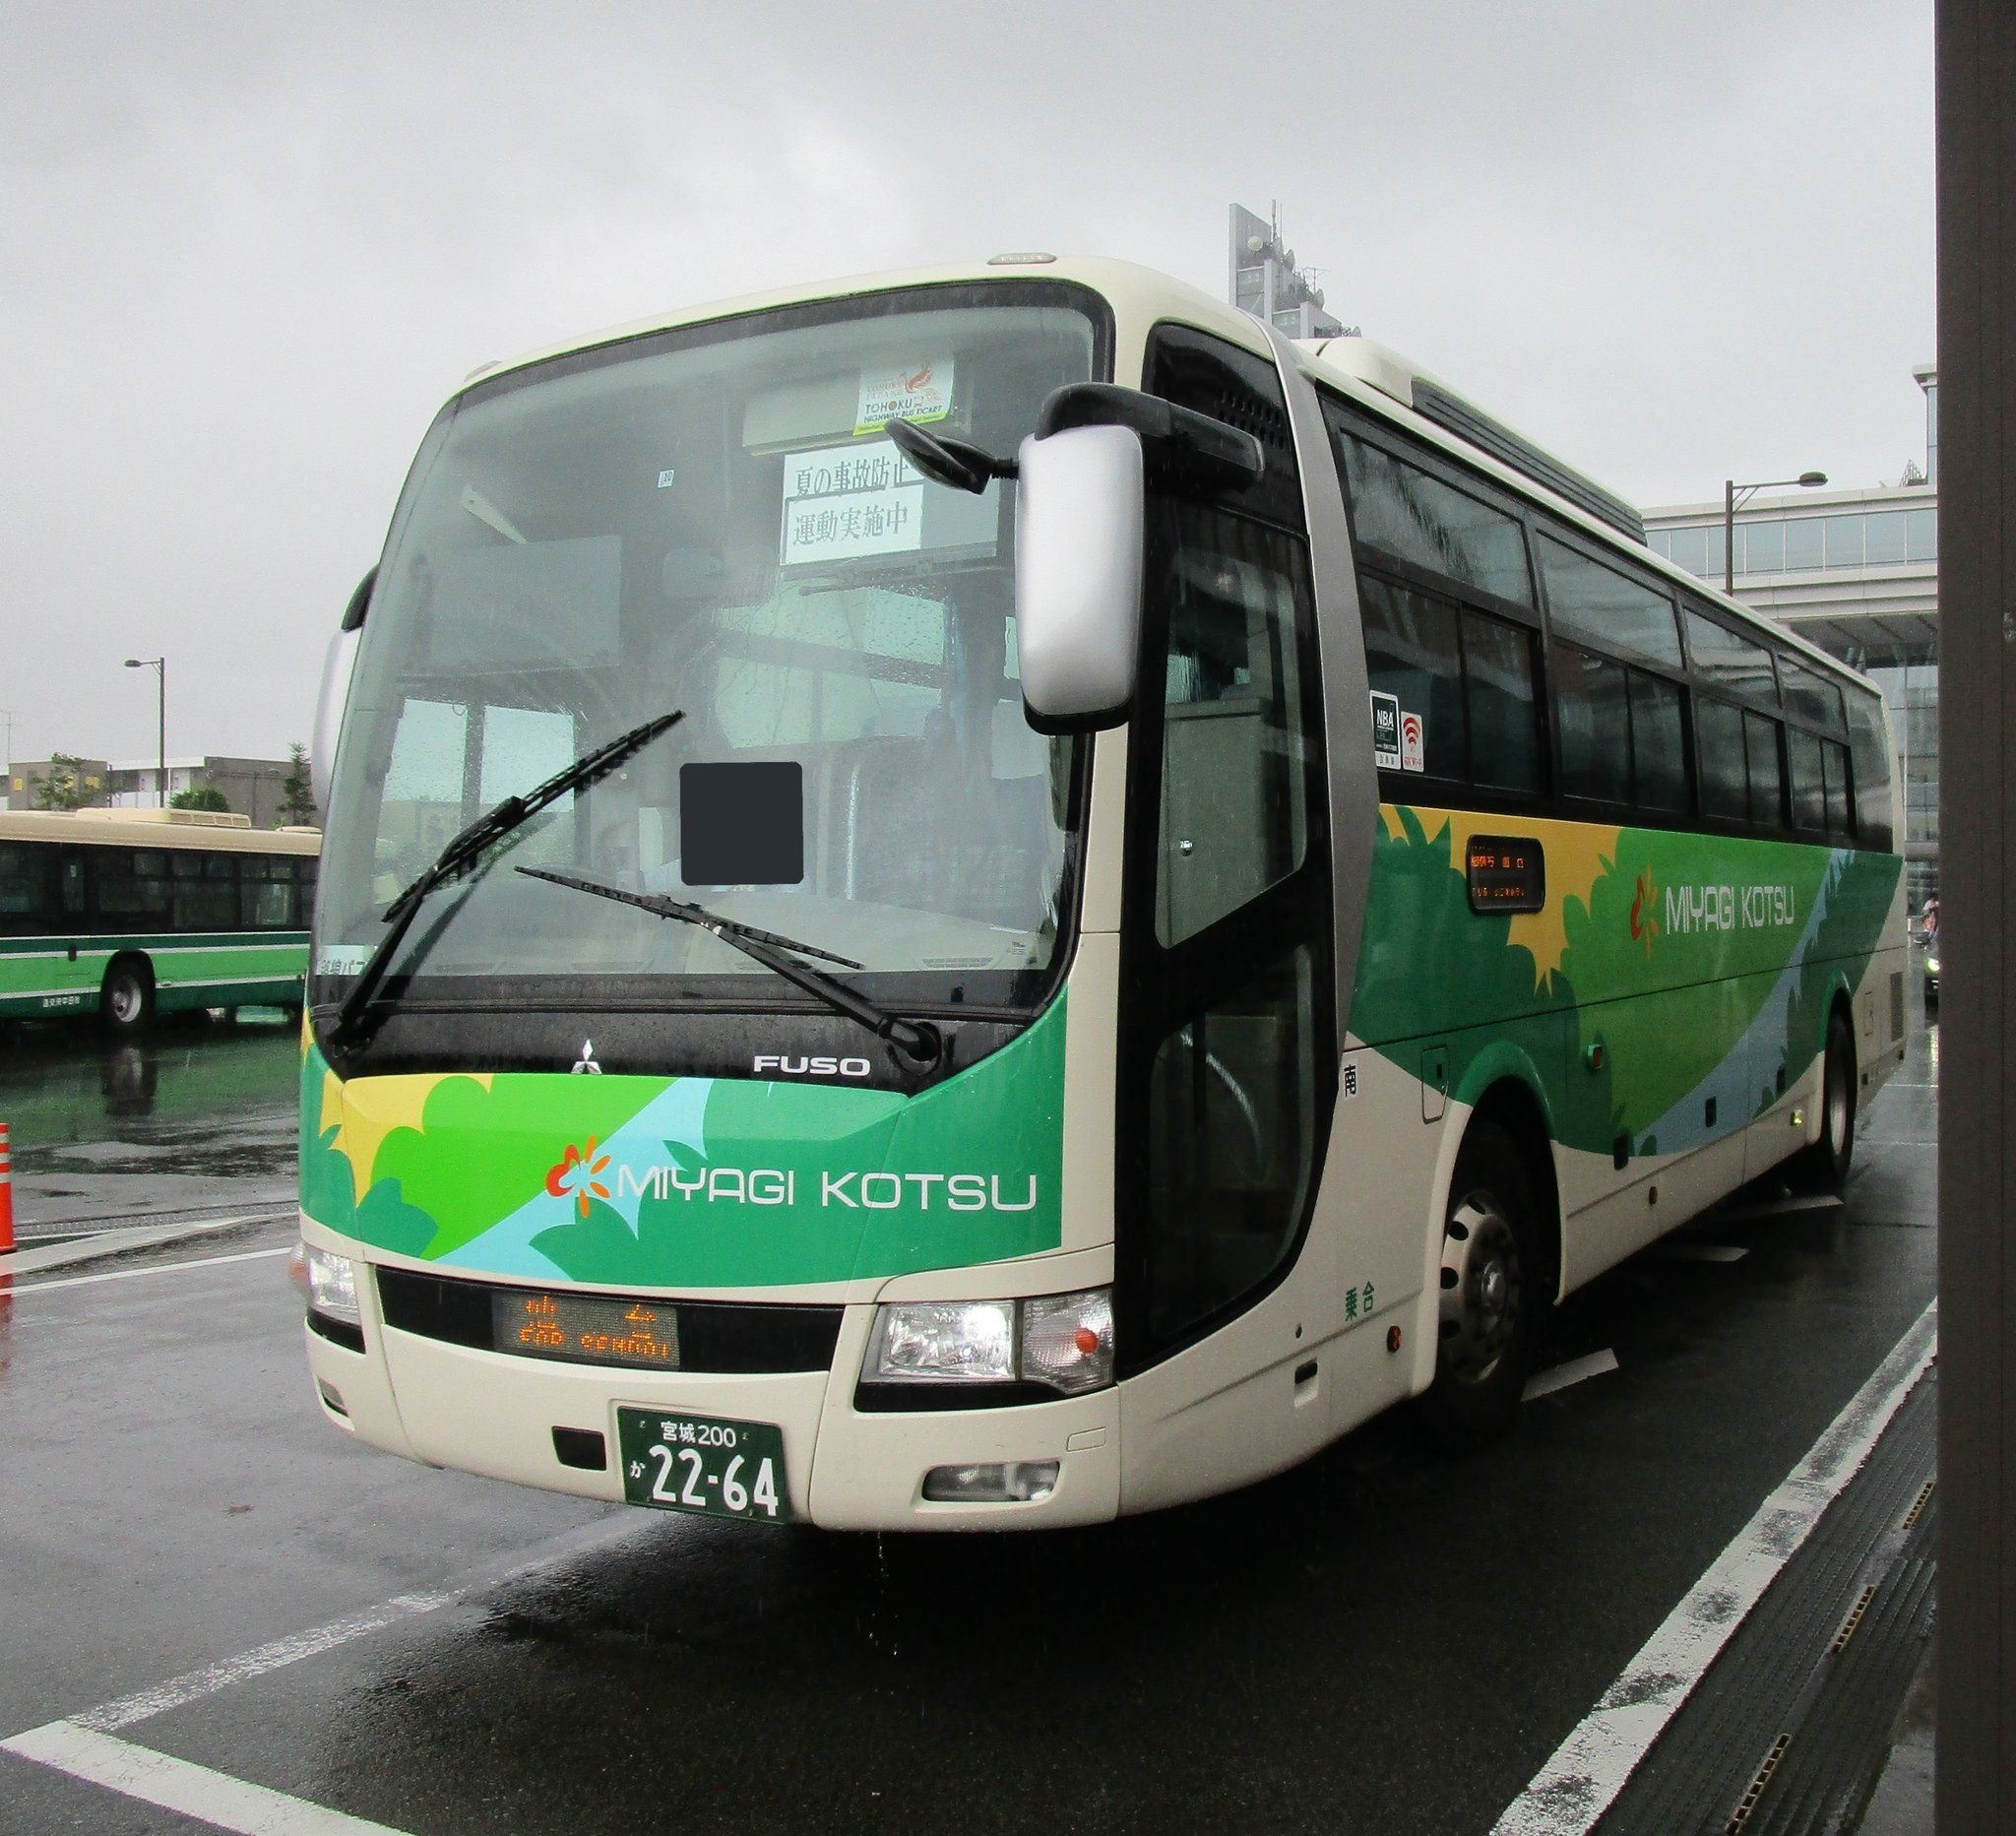 おっふ交通 資料館 On Twitter Vehicles Bus